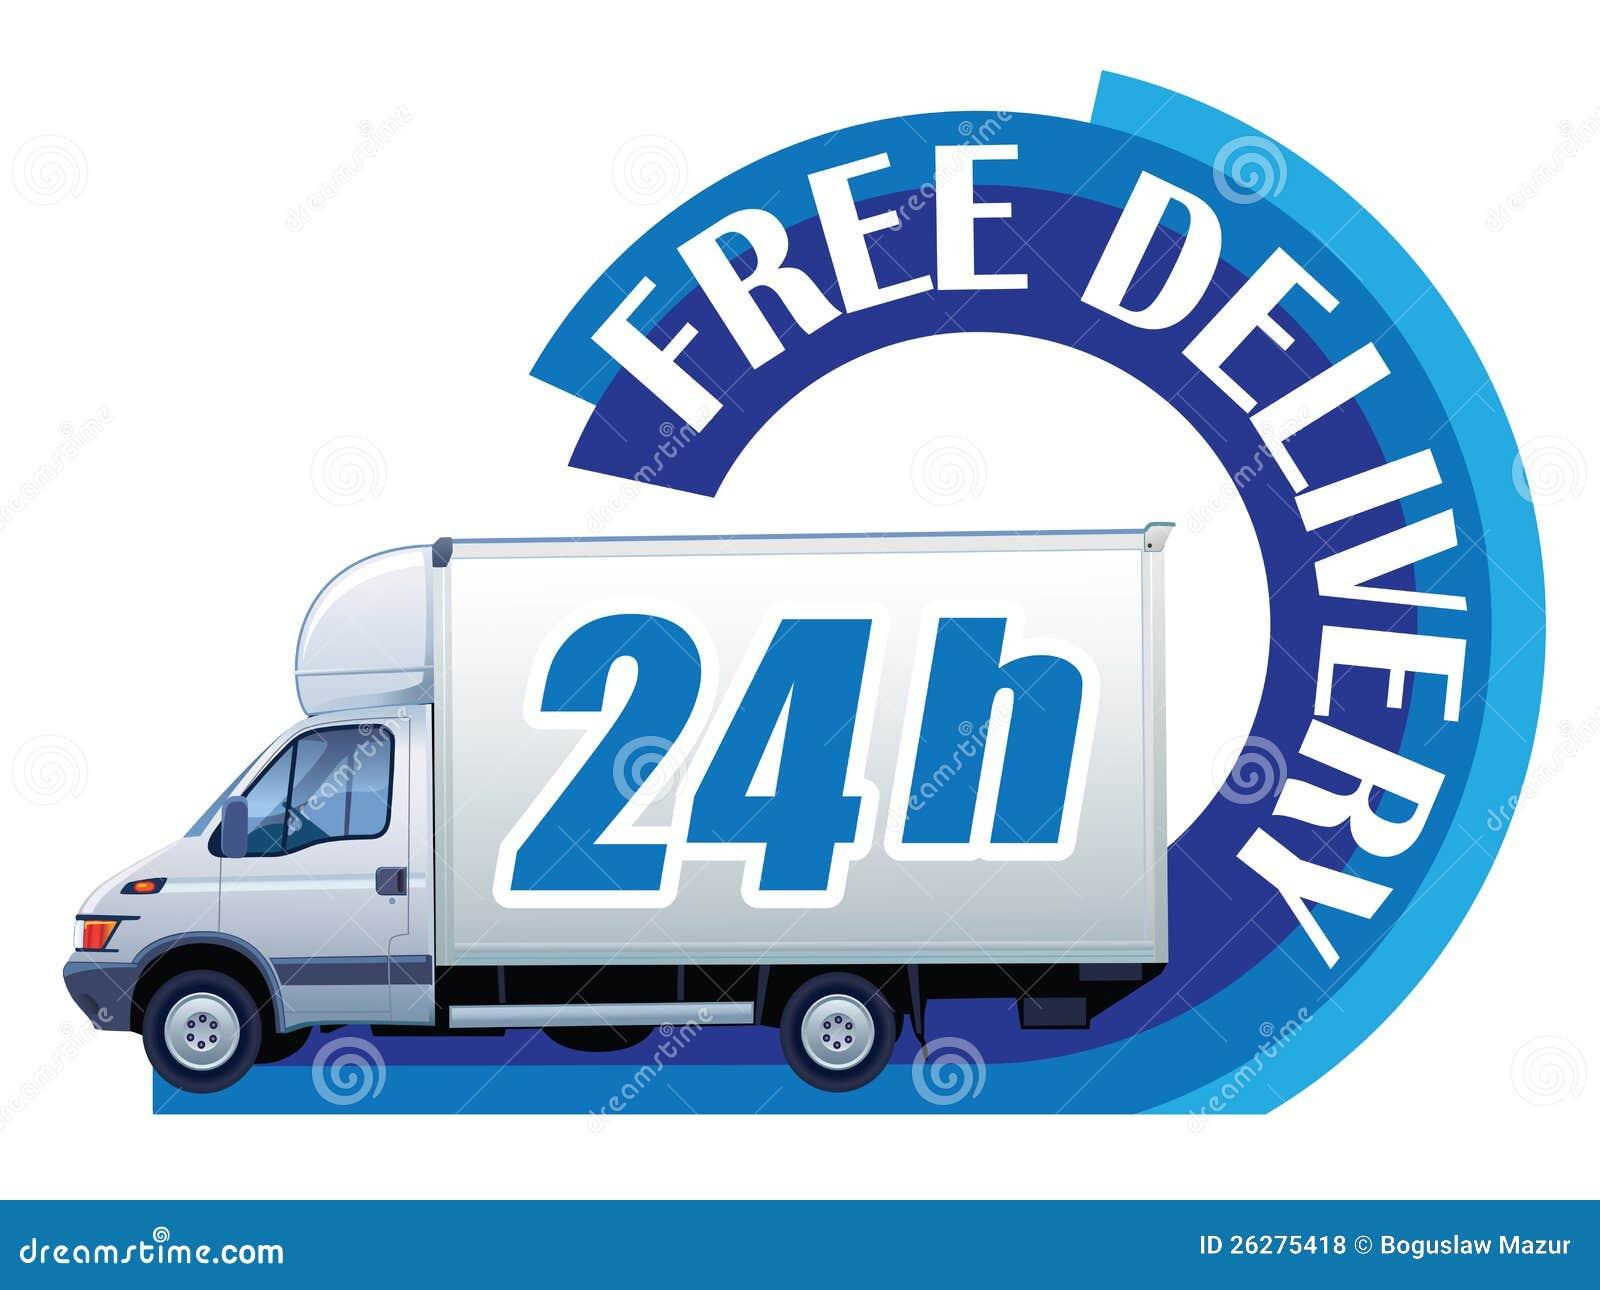 Bezpłatna dostawa - 24h